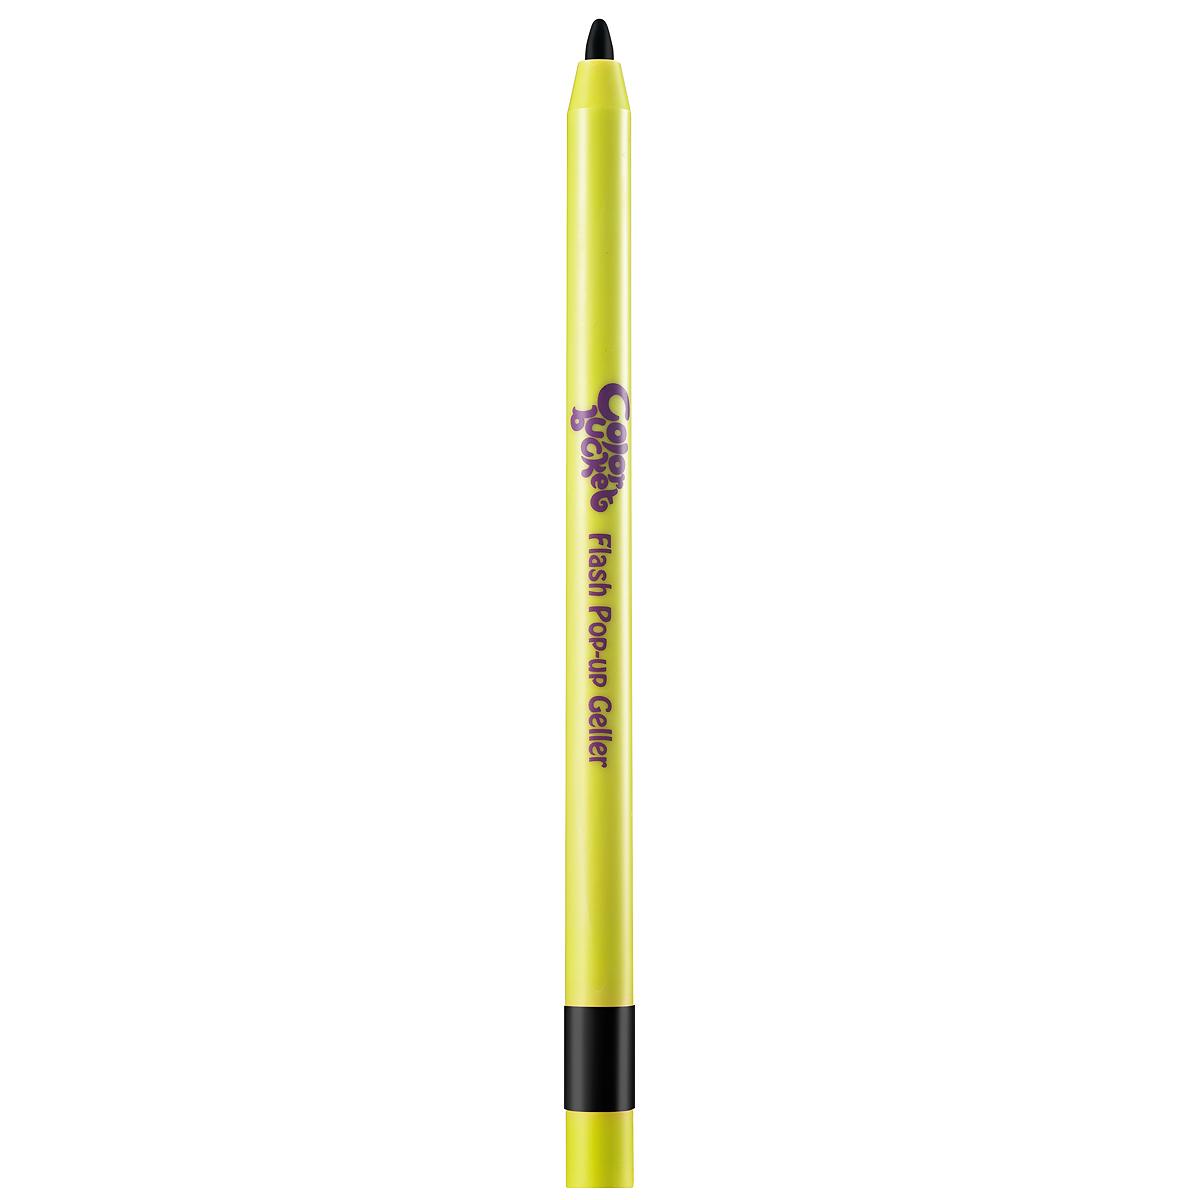 Touch In Sol Гелевый карандаш для глаз Flash Pop-Up, оттенок №5 Black Geller, 0,5 гУТ000000774Карандаш для глаз Touch in Sol создан для создания стойкого контура. Мягкая текстура легко ложится на нежную кожу века, не доставляя никакого дискомфорта. Одного нанесения достаточно, чтобы получить законченный результат. При этом текстура не расплывается и стойко держится в течение дня. Для Pop-Arty макияжа отлично подойдут оттенки 1-4, для создания вечернего макияжа используйте неоновые оттенки (6-10) после нанесения контурного карандаша или подводки. Если Вы желаете, чтобы макияж был более интенсивным, подведите также границу нижних ресниц. Товар сертифицирован.